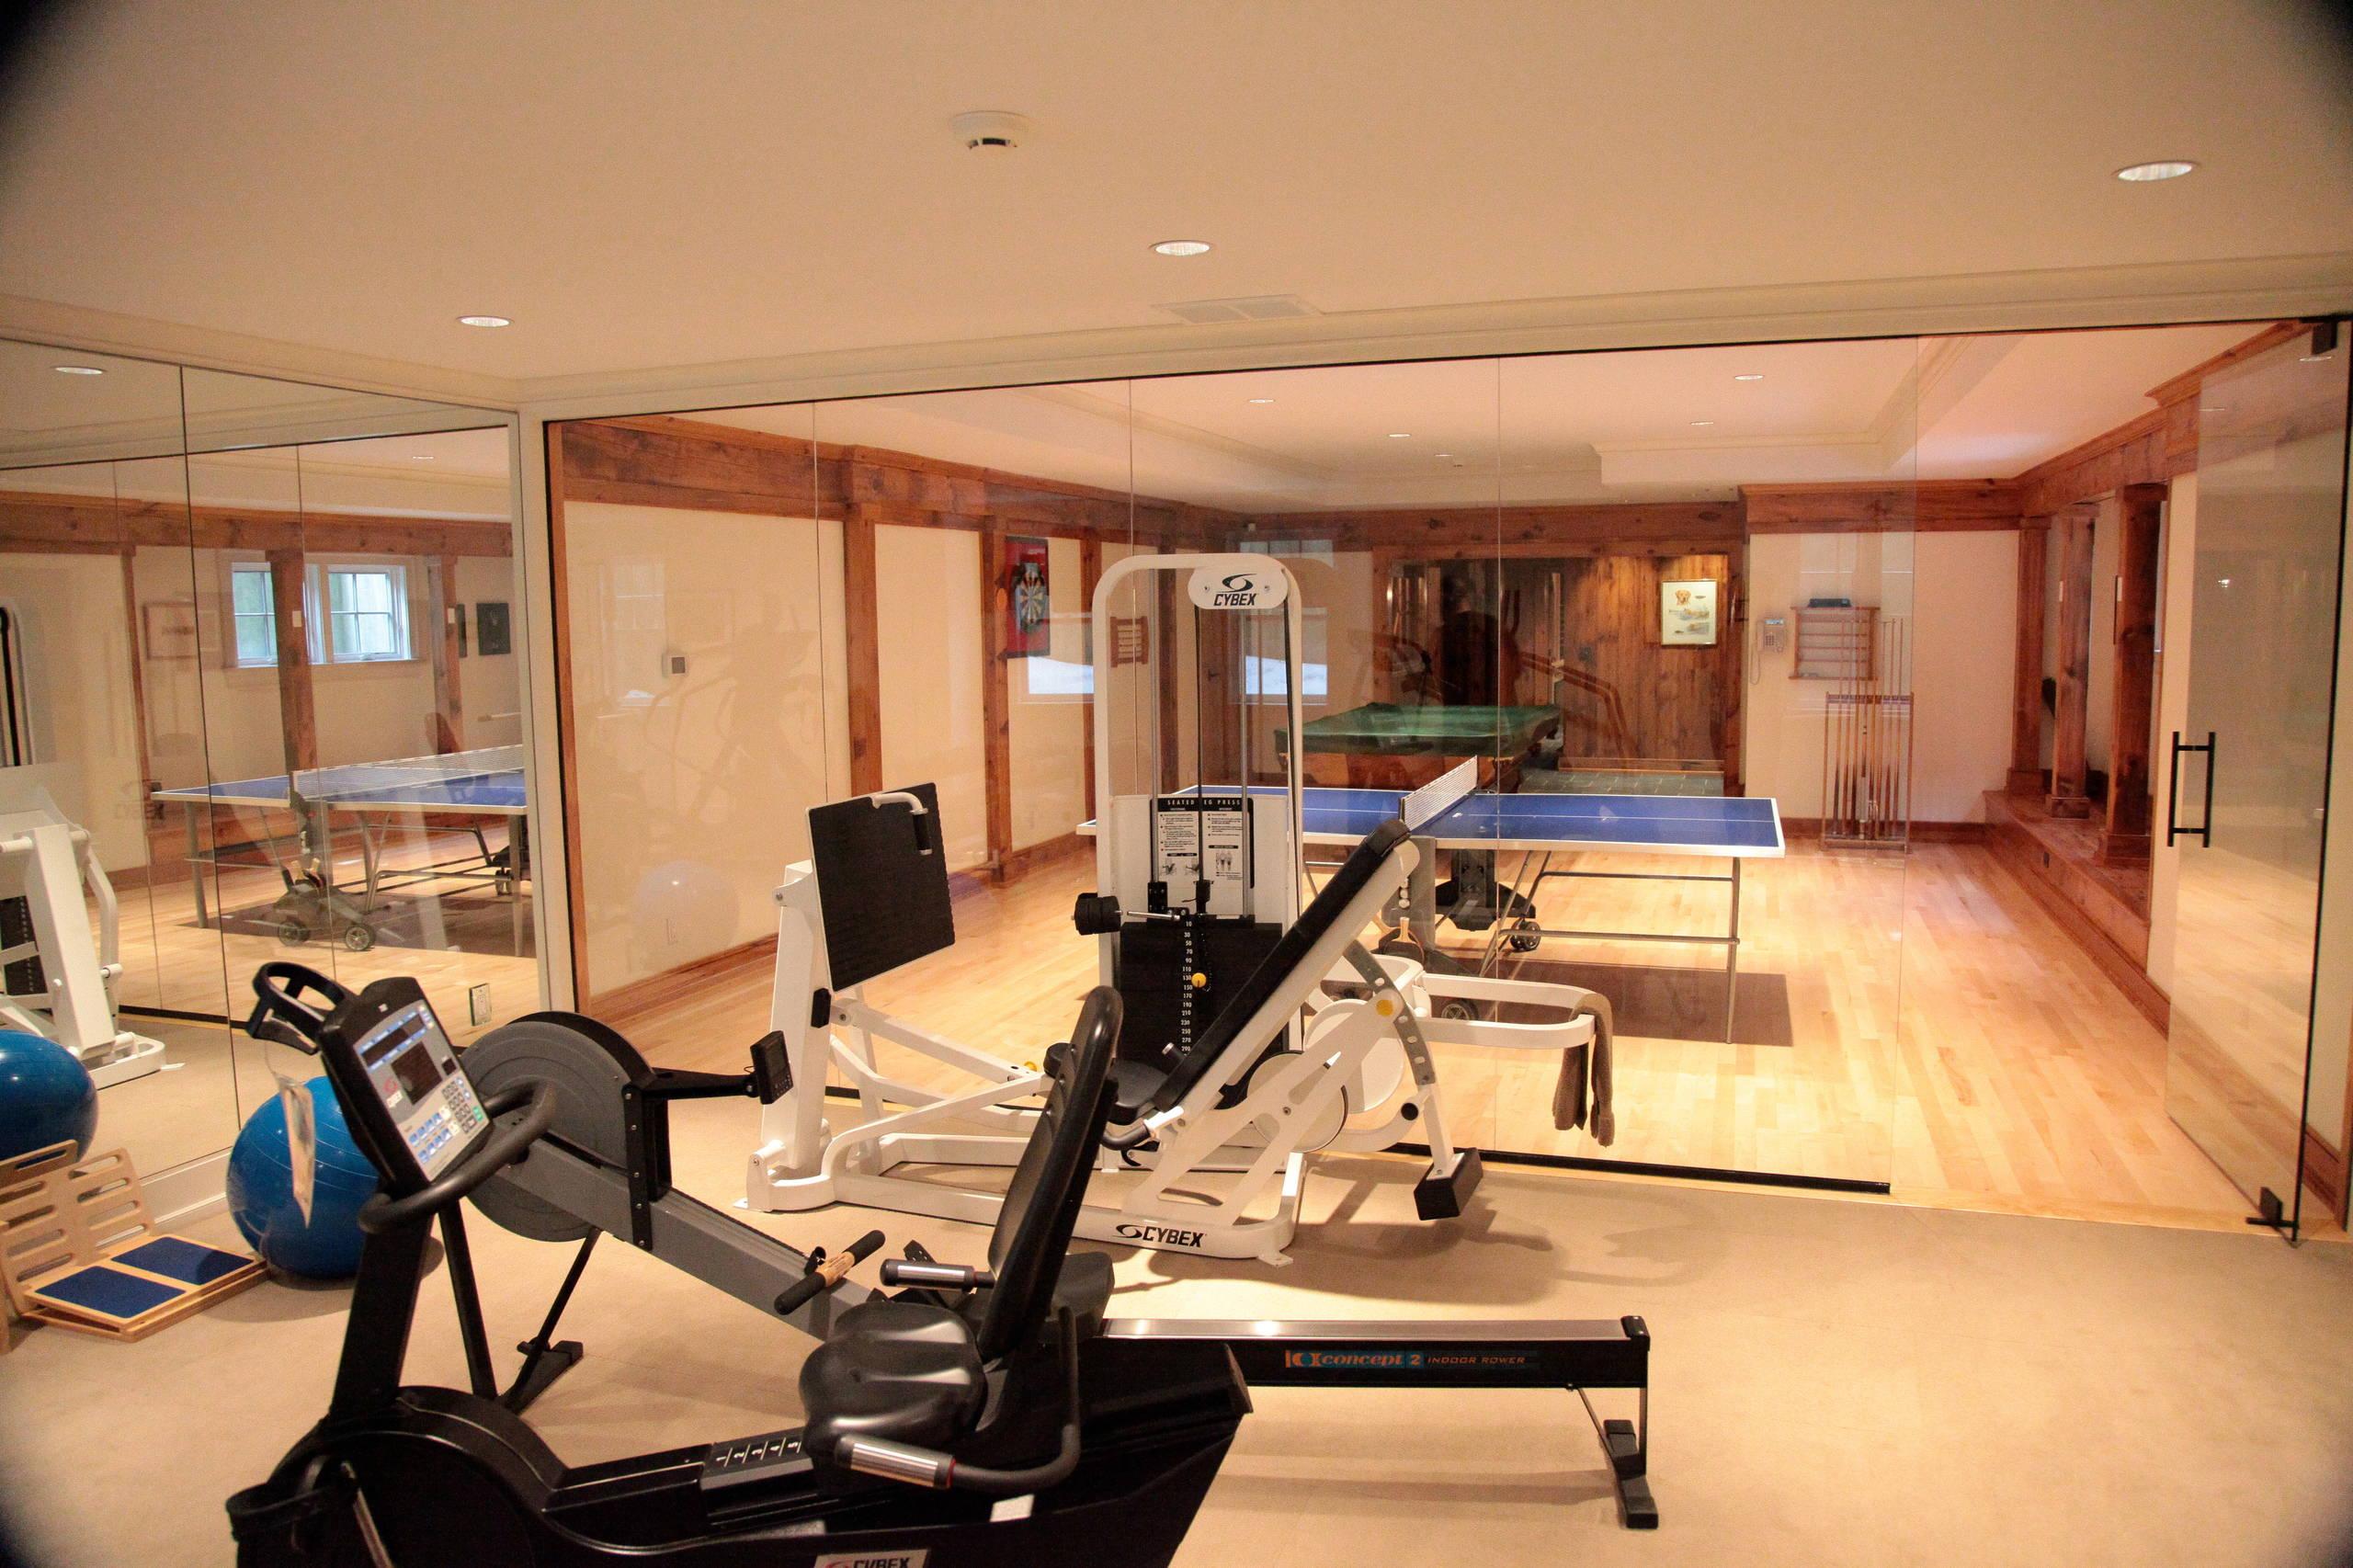 Game Room Media Room Combination Gym Ideas Photos Houzz